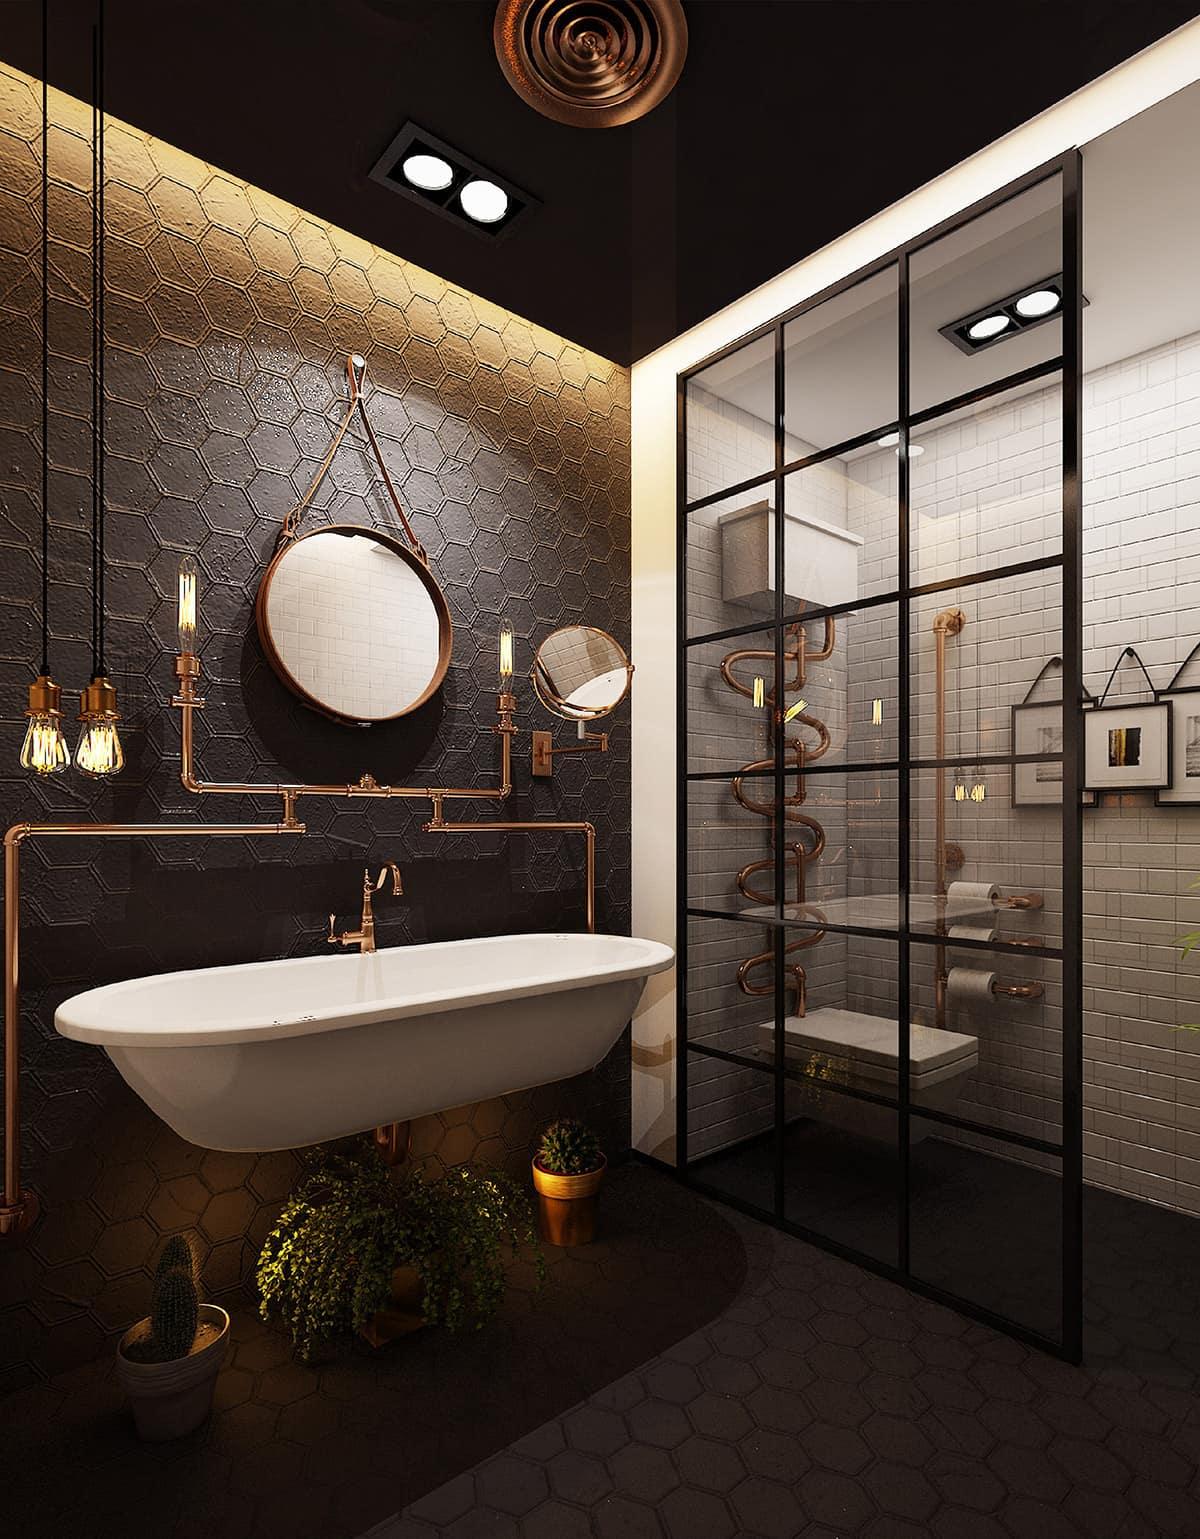 Дизайн ванной комнаты с красивой системой освещения и медными трубами выглядит поистине шикарным